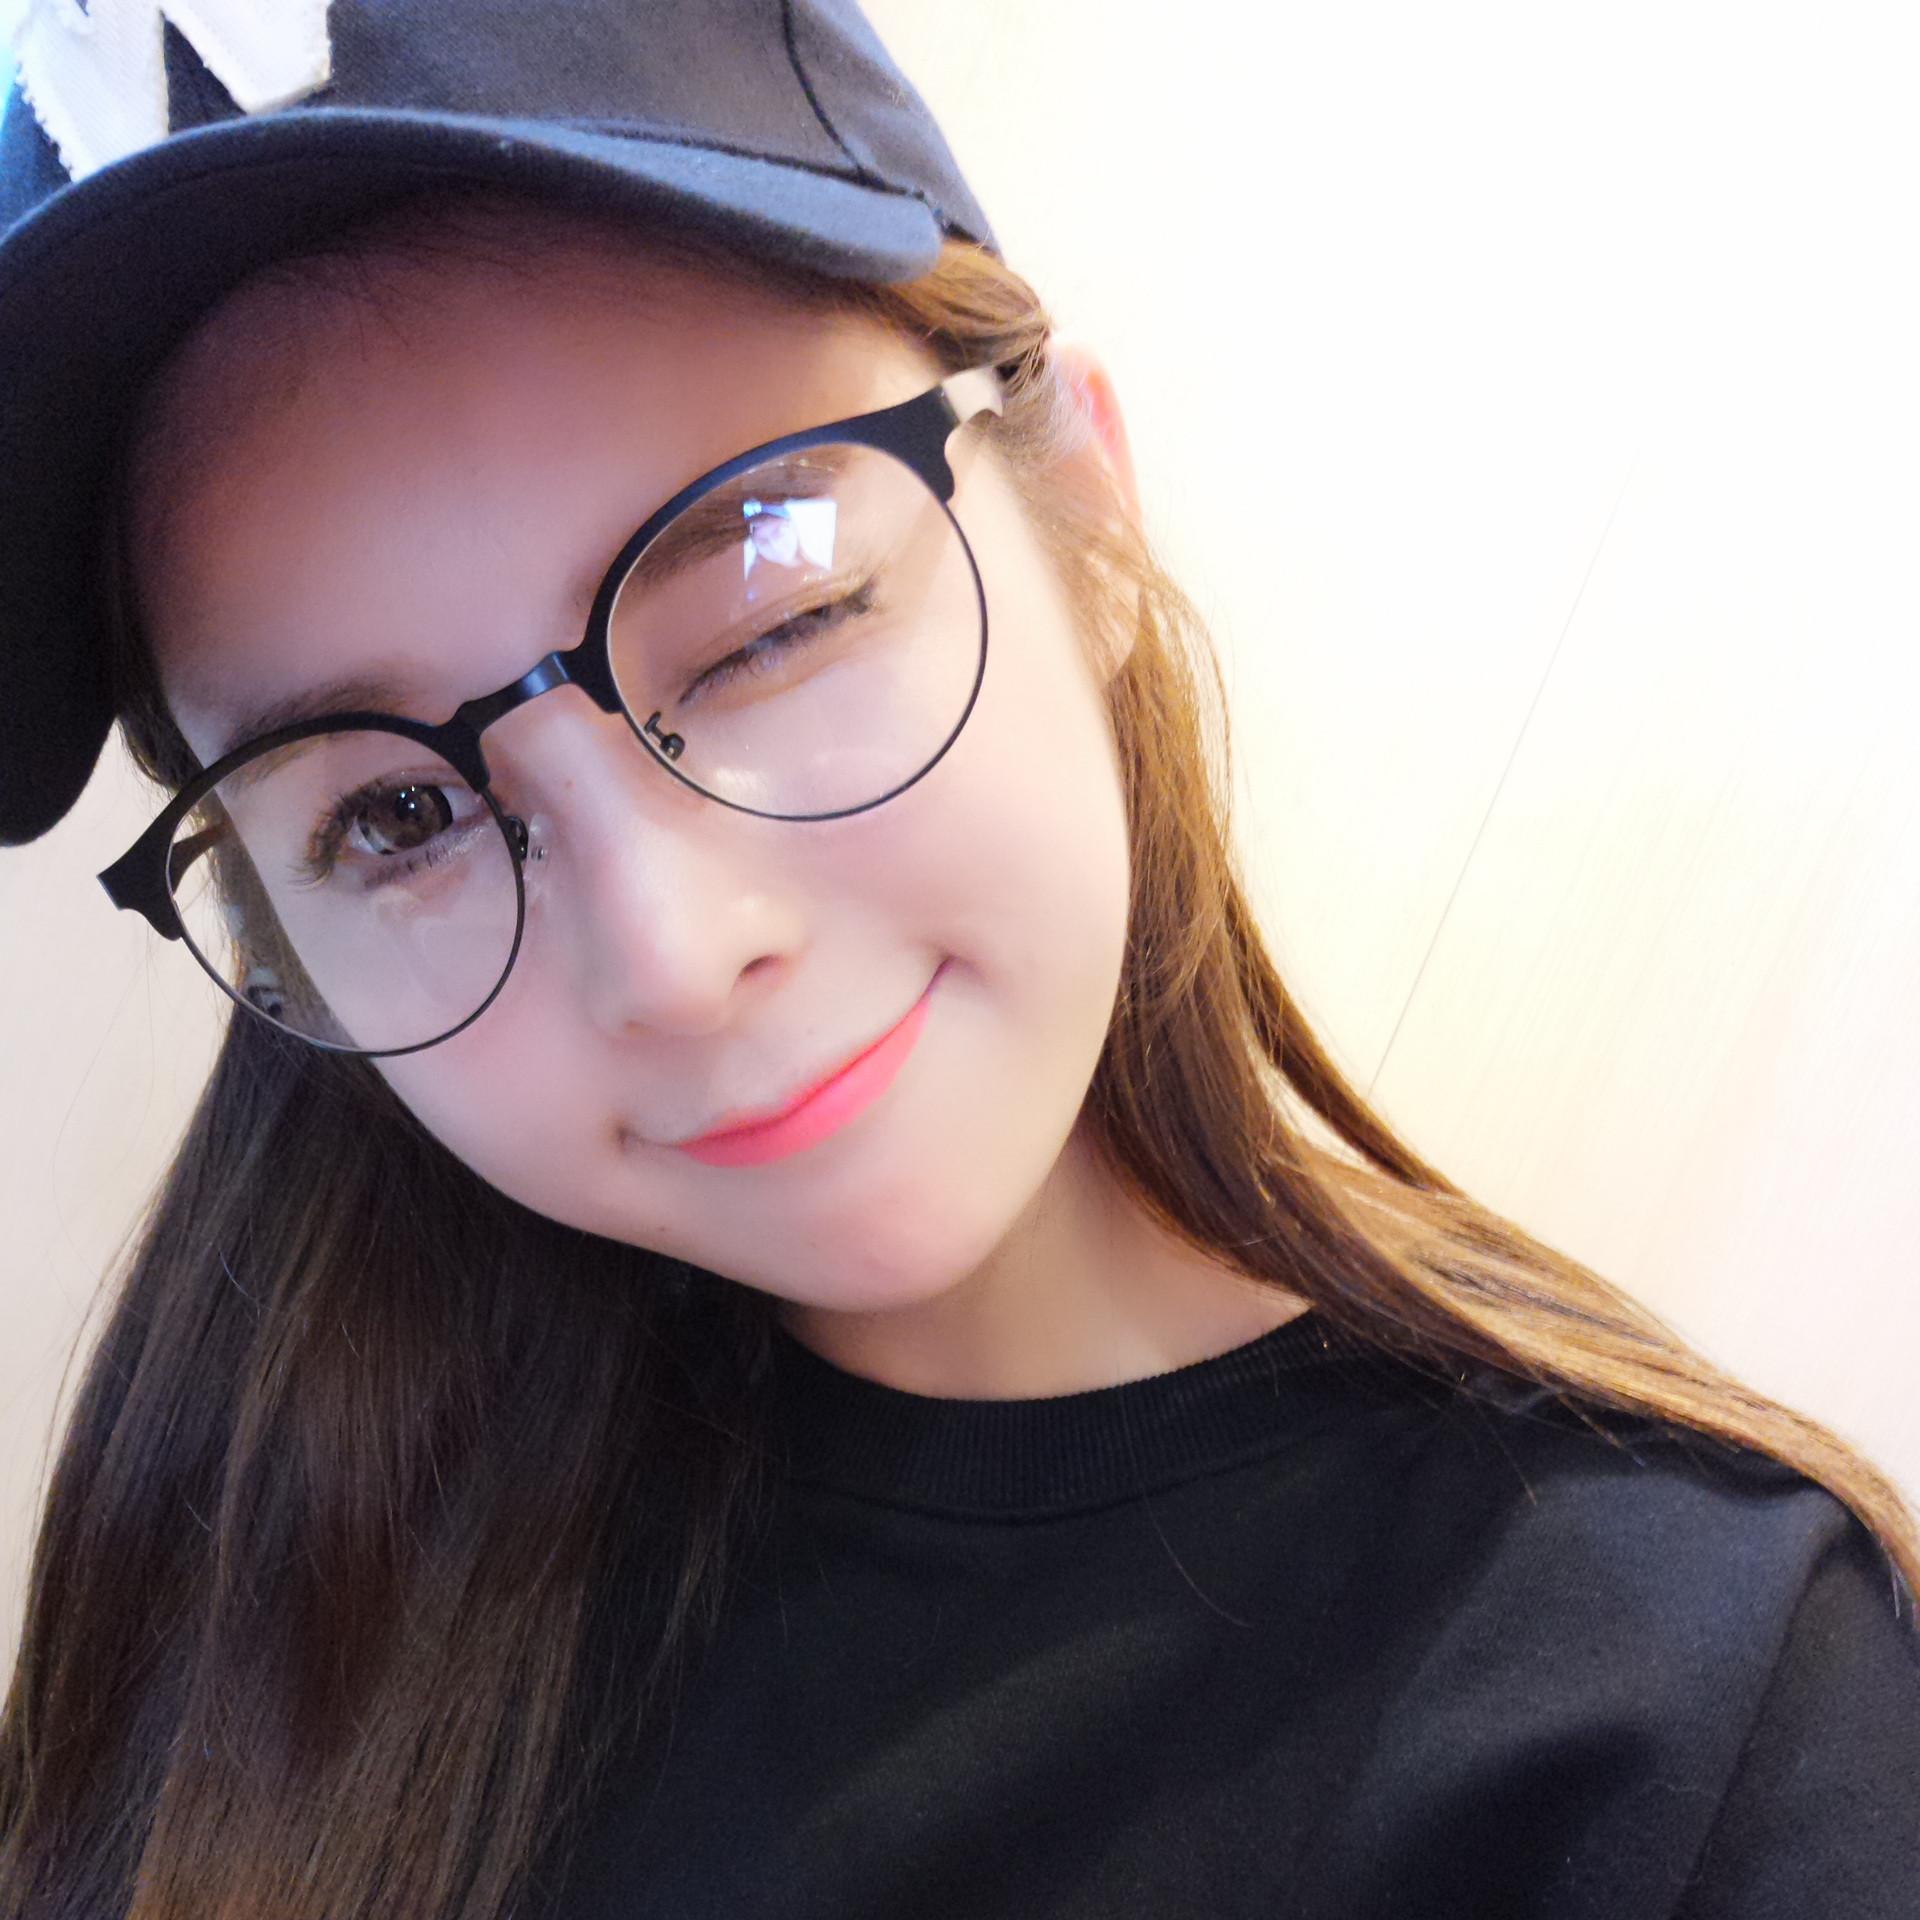 铭戴眼镜旗舰店是铭戴眼镜品牌厂家在淘宝天猫商城的唯一的一家【铭戴图片